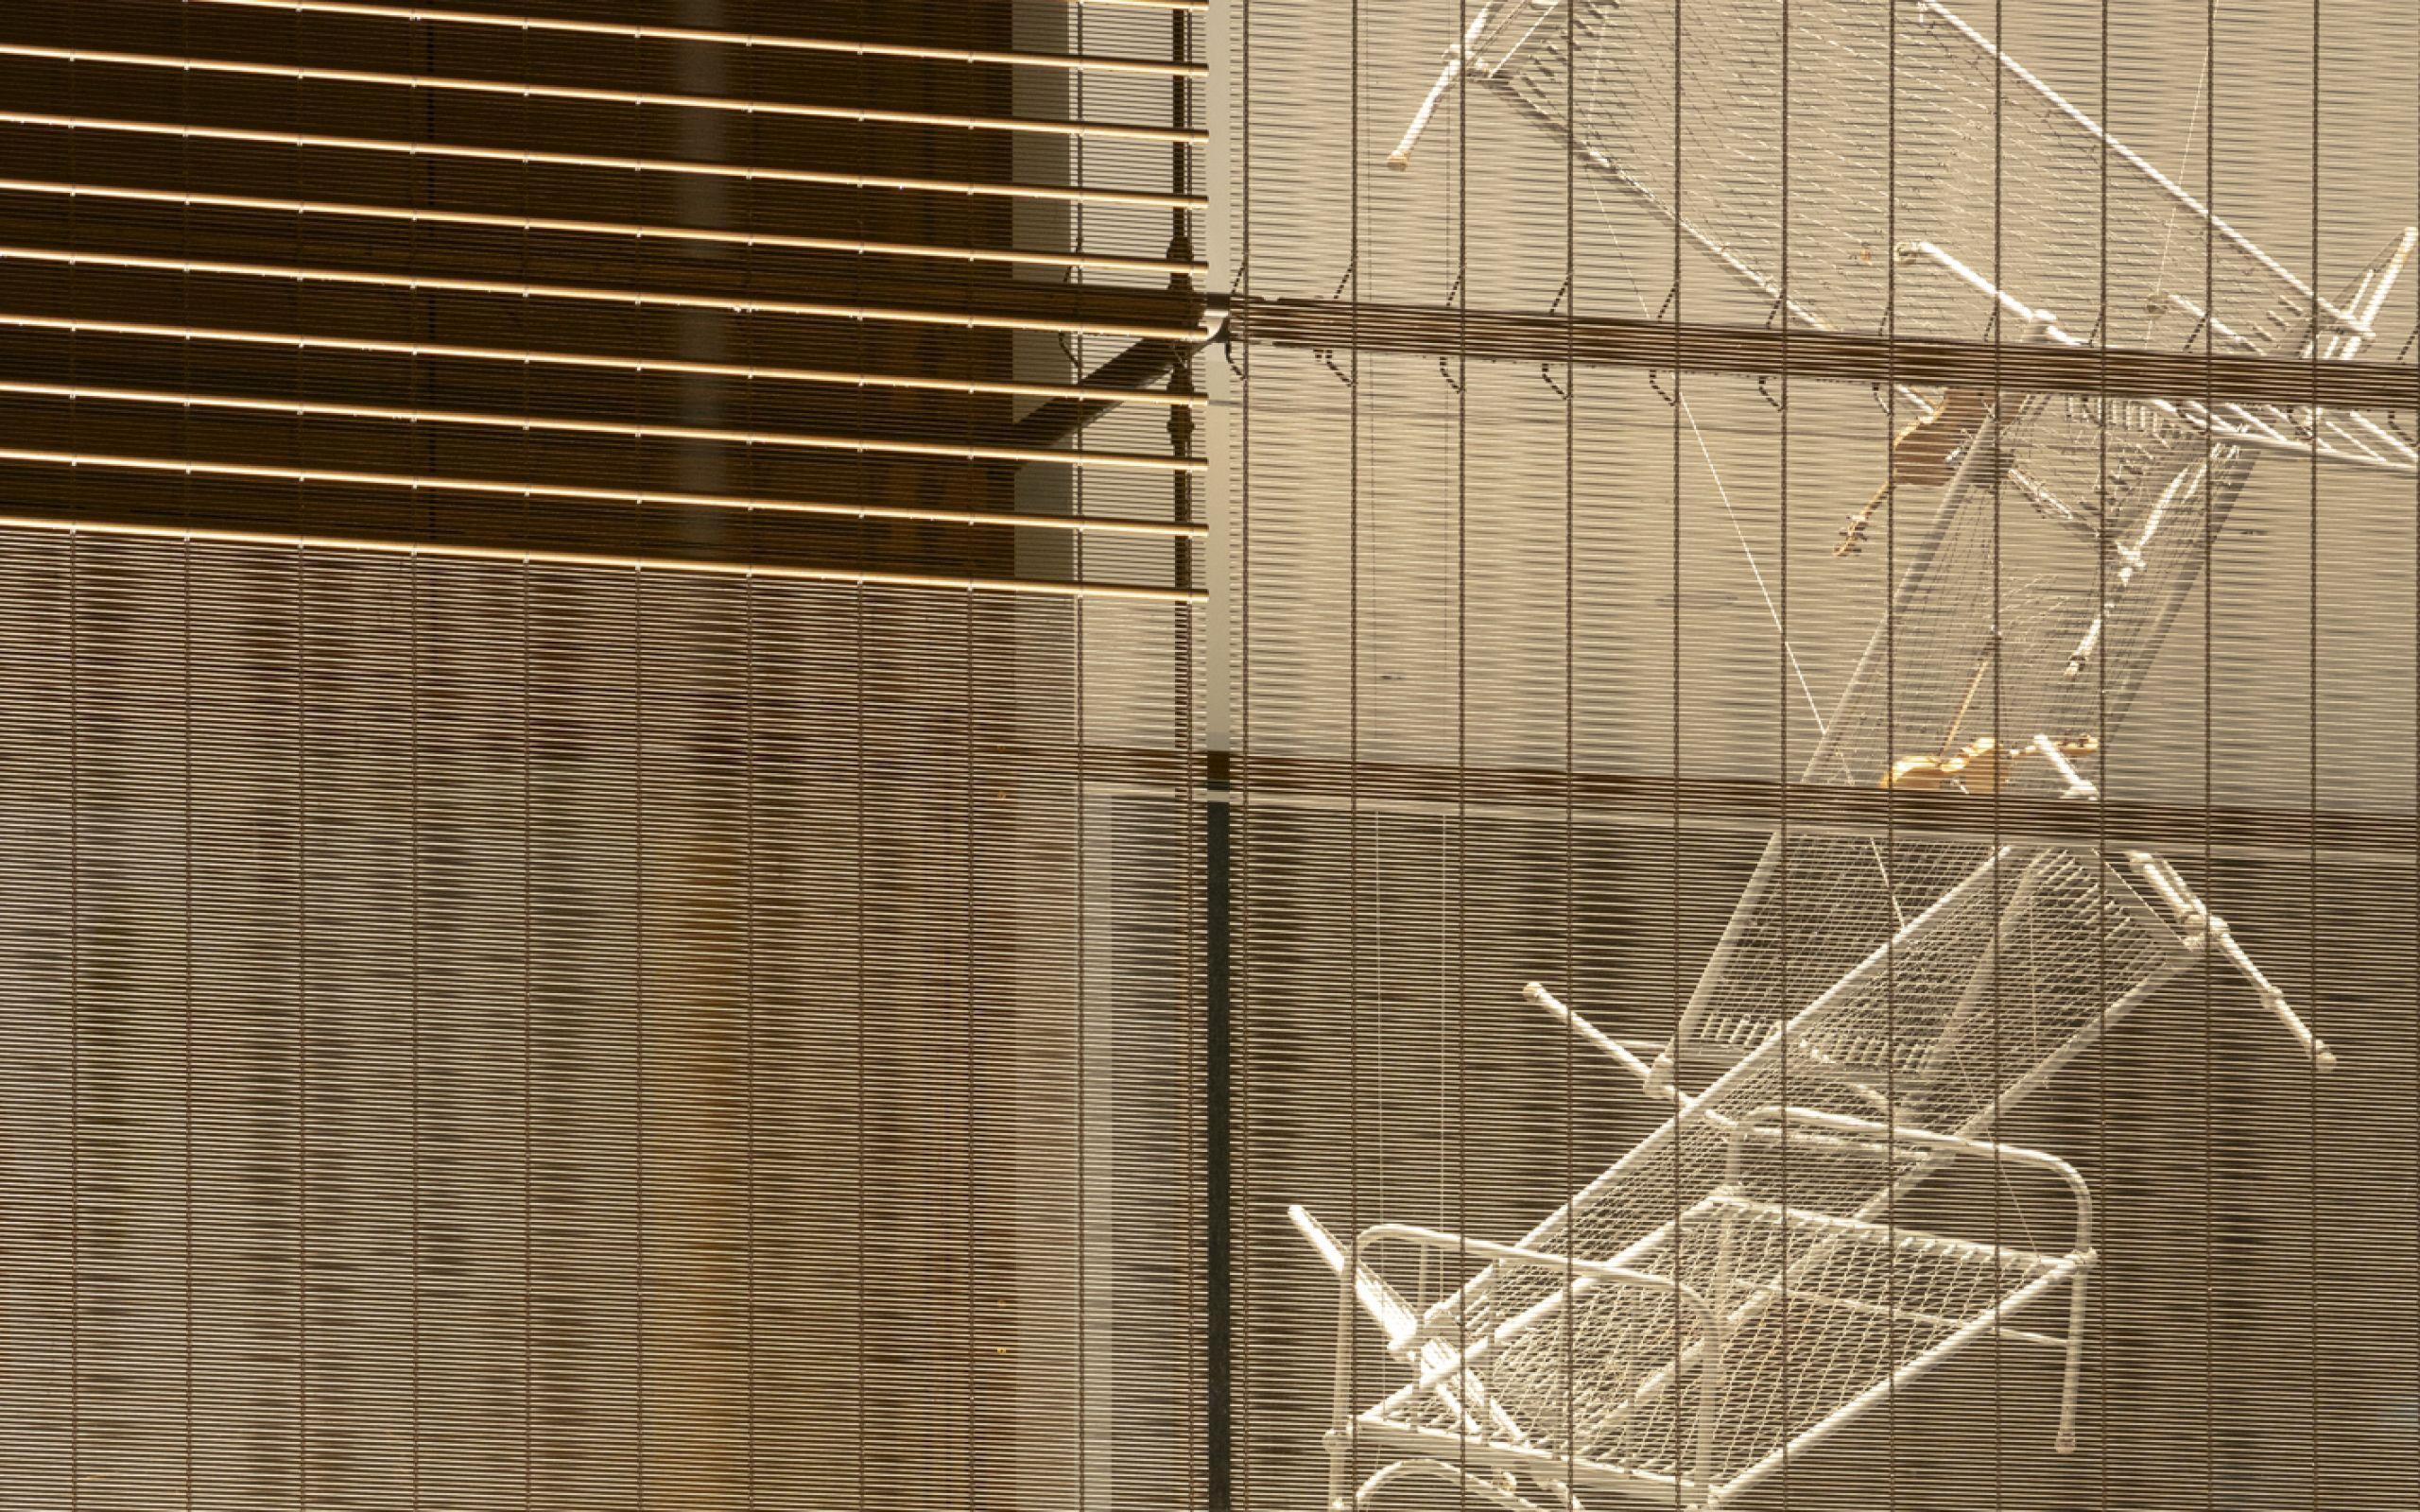 © Kunsthalle Mannheim/ Constantin Meyer